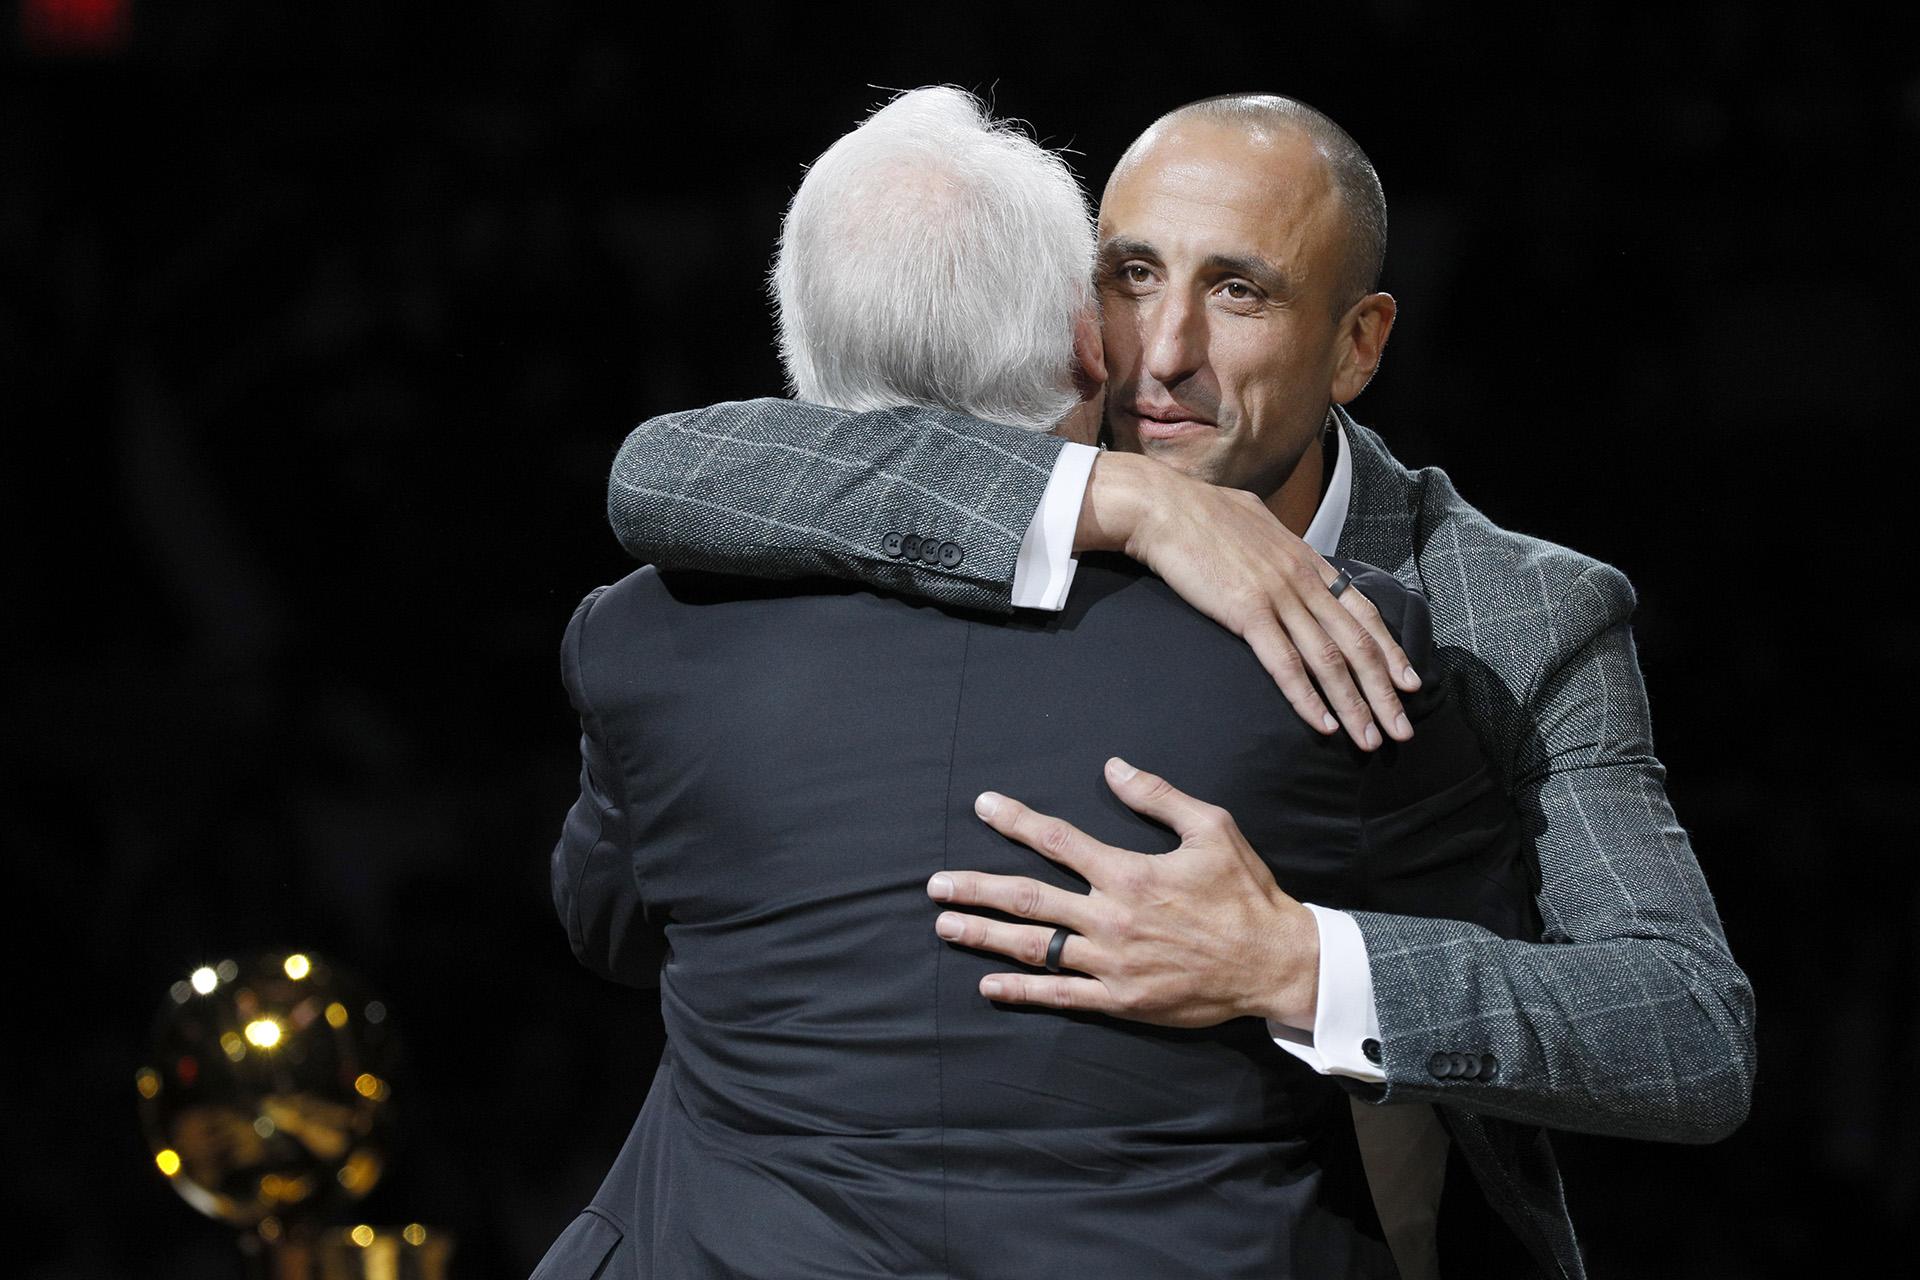 El ex jugador de los San Antonio Spurs, Manu Ginóbili (frente a la cámara), abraza al entrenador de los Spurs, Gregg Popovich, durante una ceremonia de retiro de su camiseta en el AT&T Center después de un partido entre los Cleveland Cavaliers y San Antonio Spurs